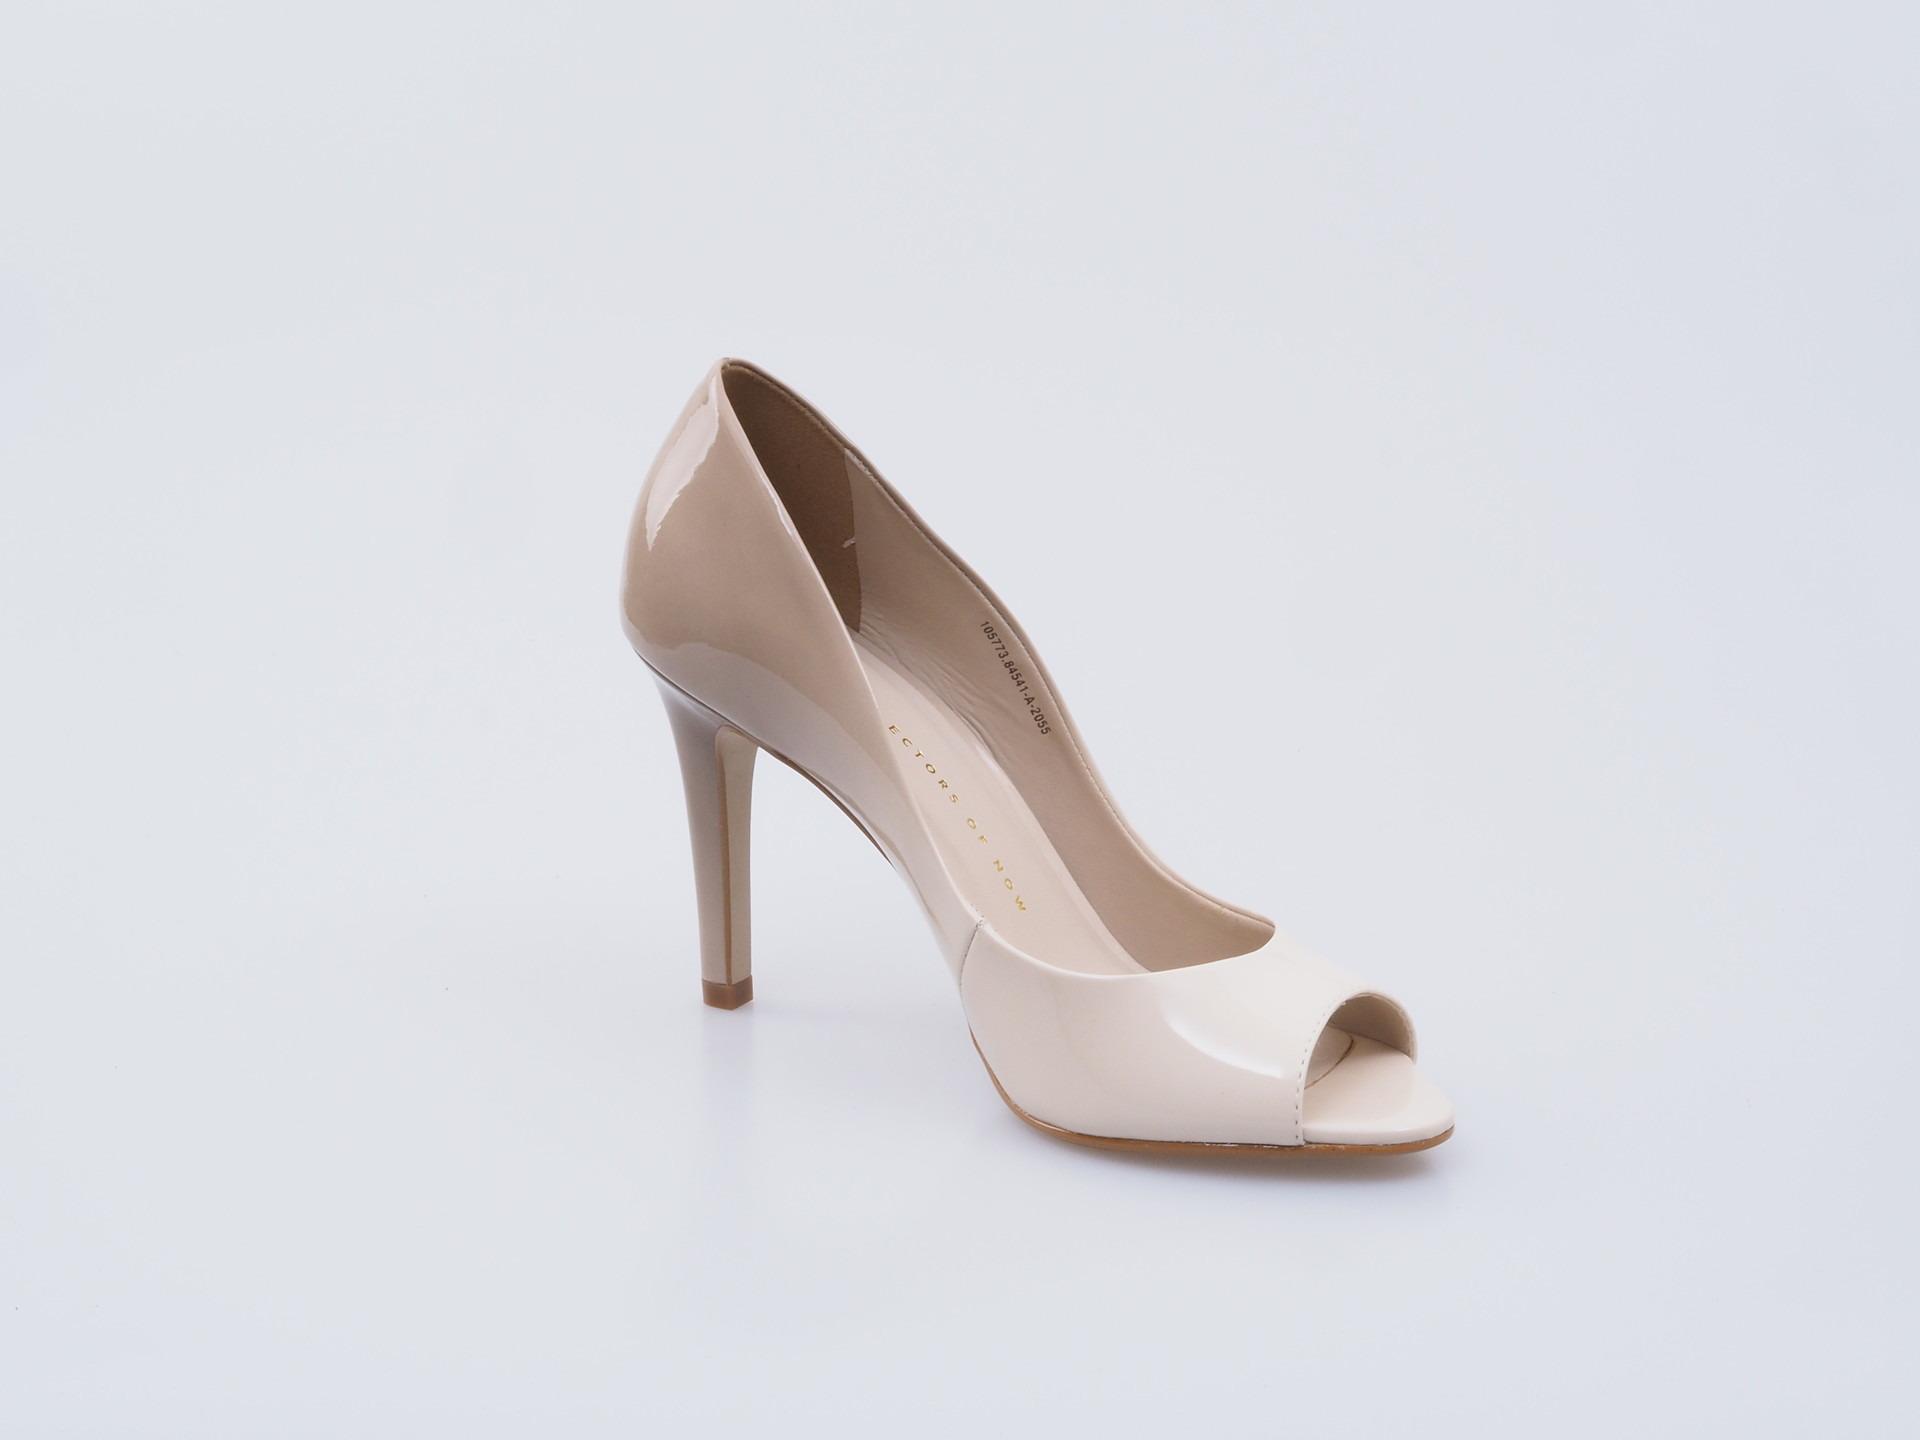 Soňa - Dámska obuv - Lodičky - Bronx dámska spoločenská obuv biela káva 2c5f30774f1